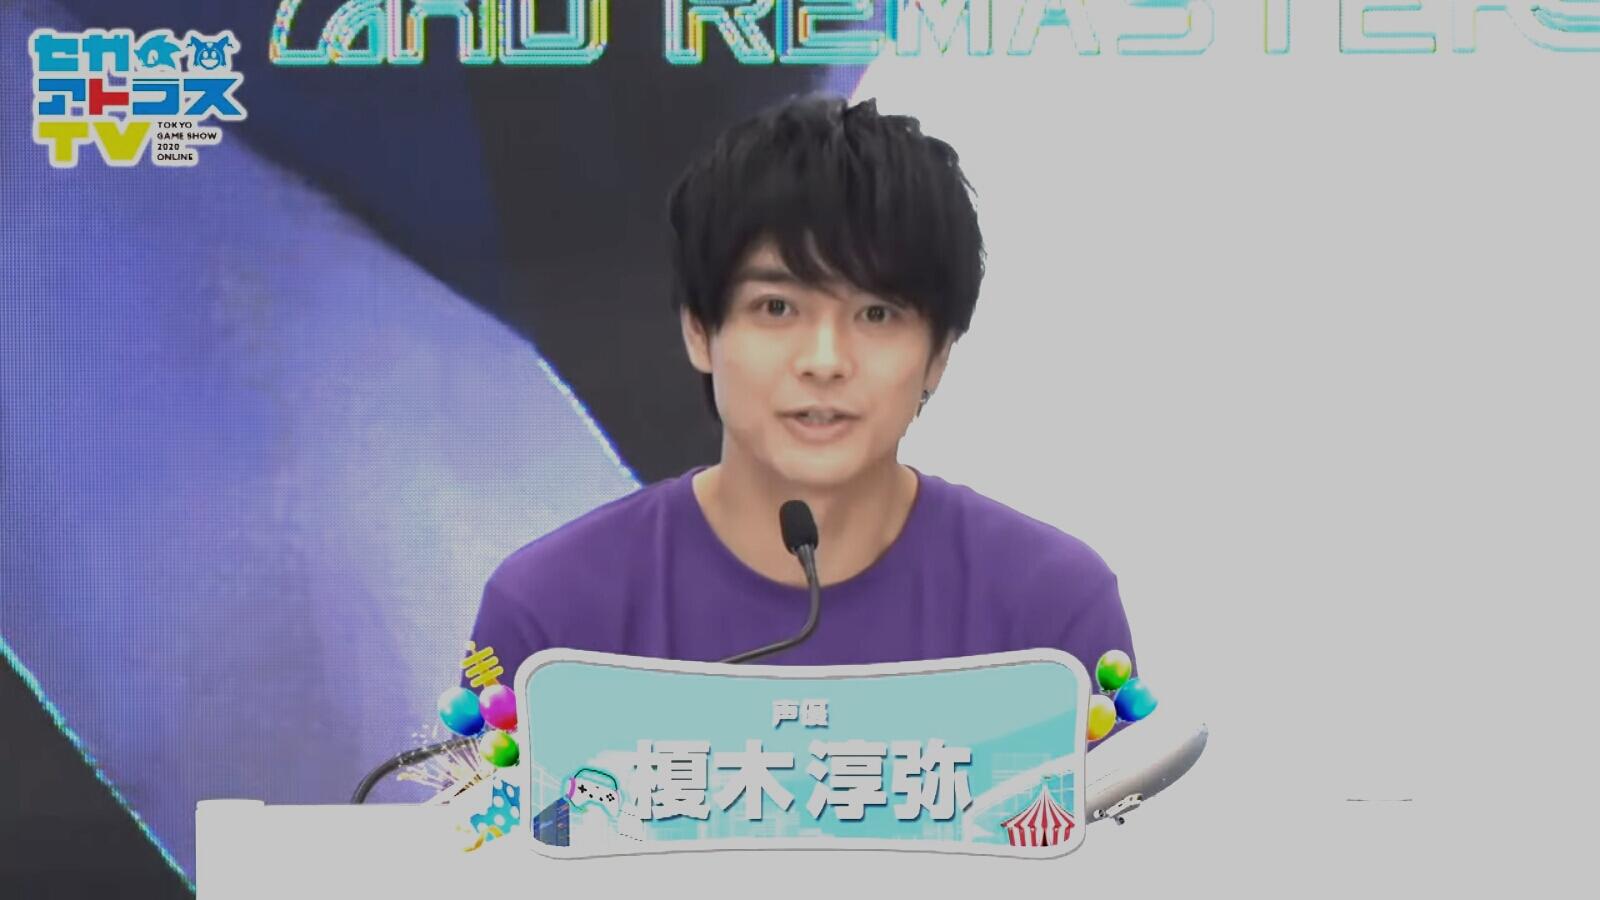 人修羅役の声優、榎木淳弥氏もゲスト出演した